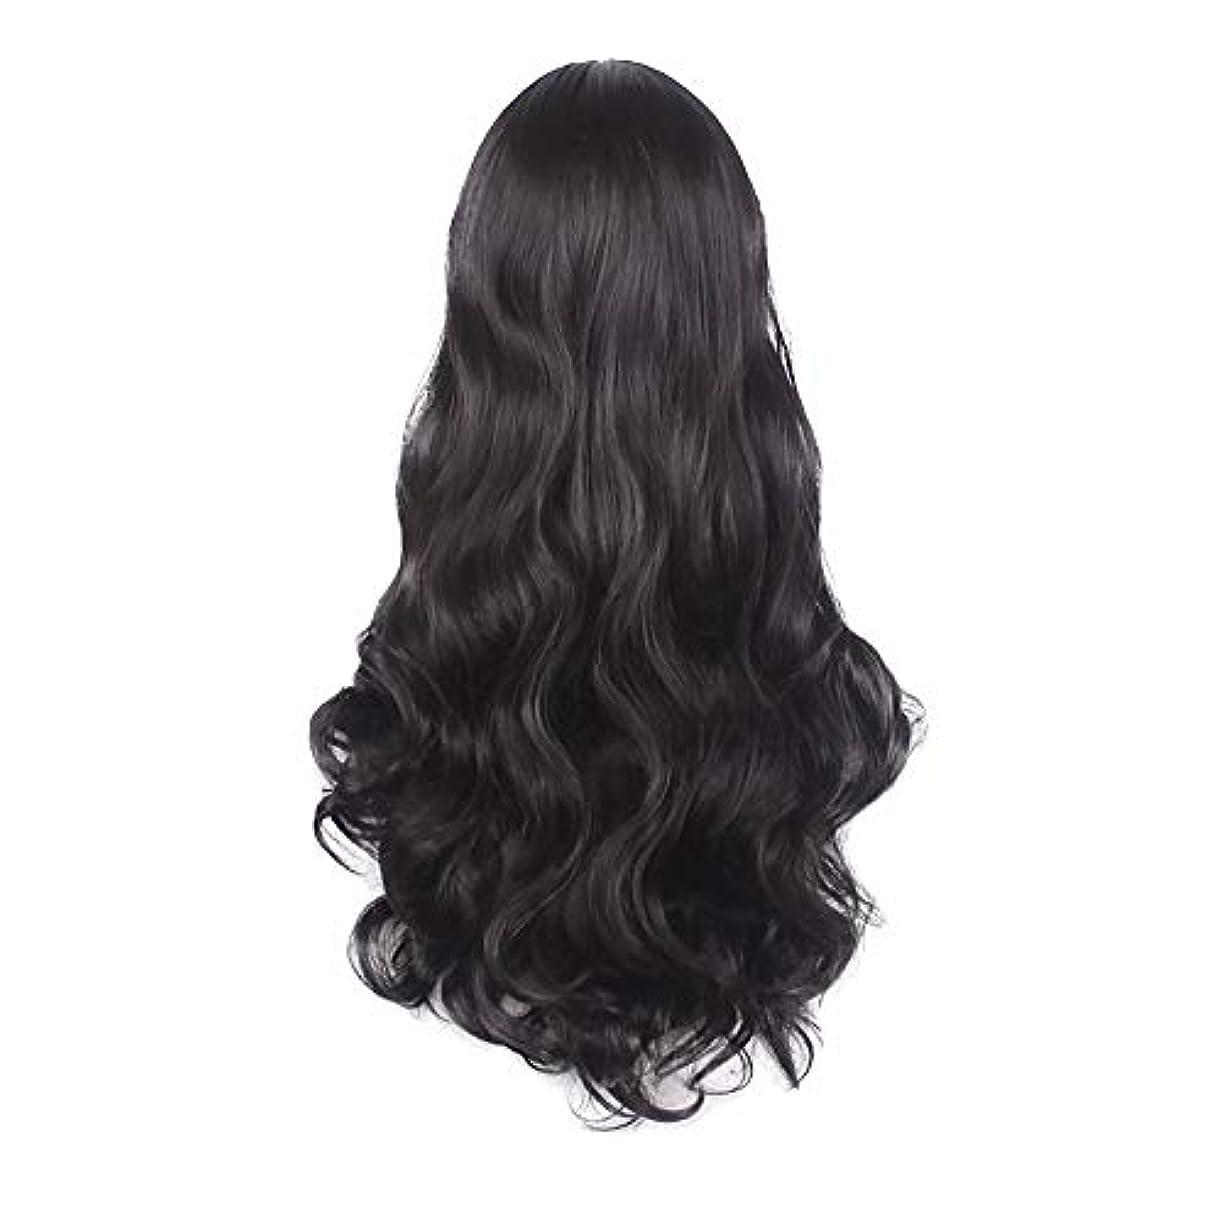 迷惑流産束女性の黒の長い波状の巻き毛のかつらパーティーCOS小道具かつらをかつら